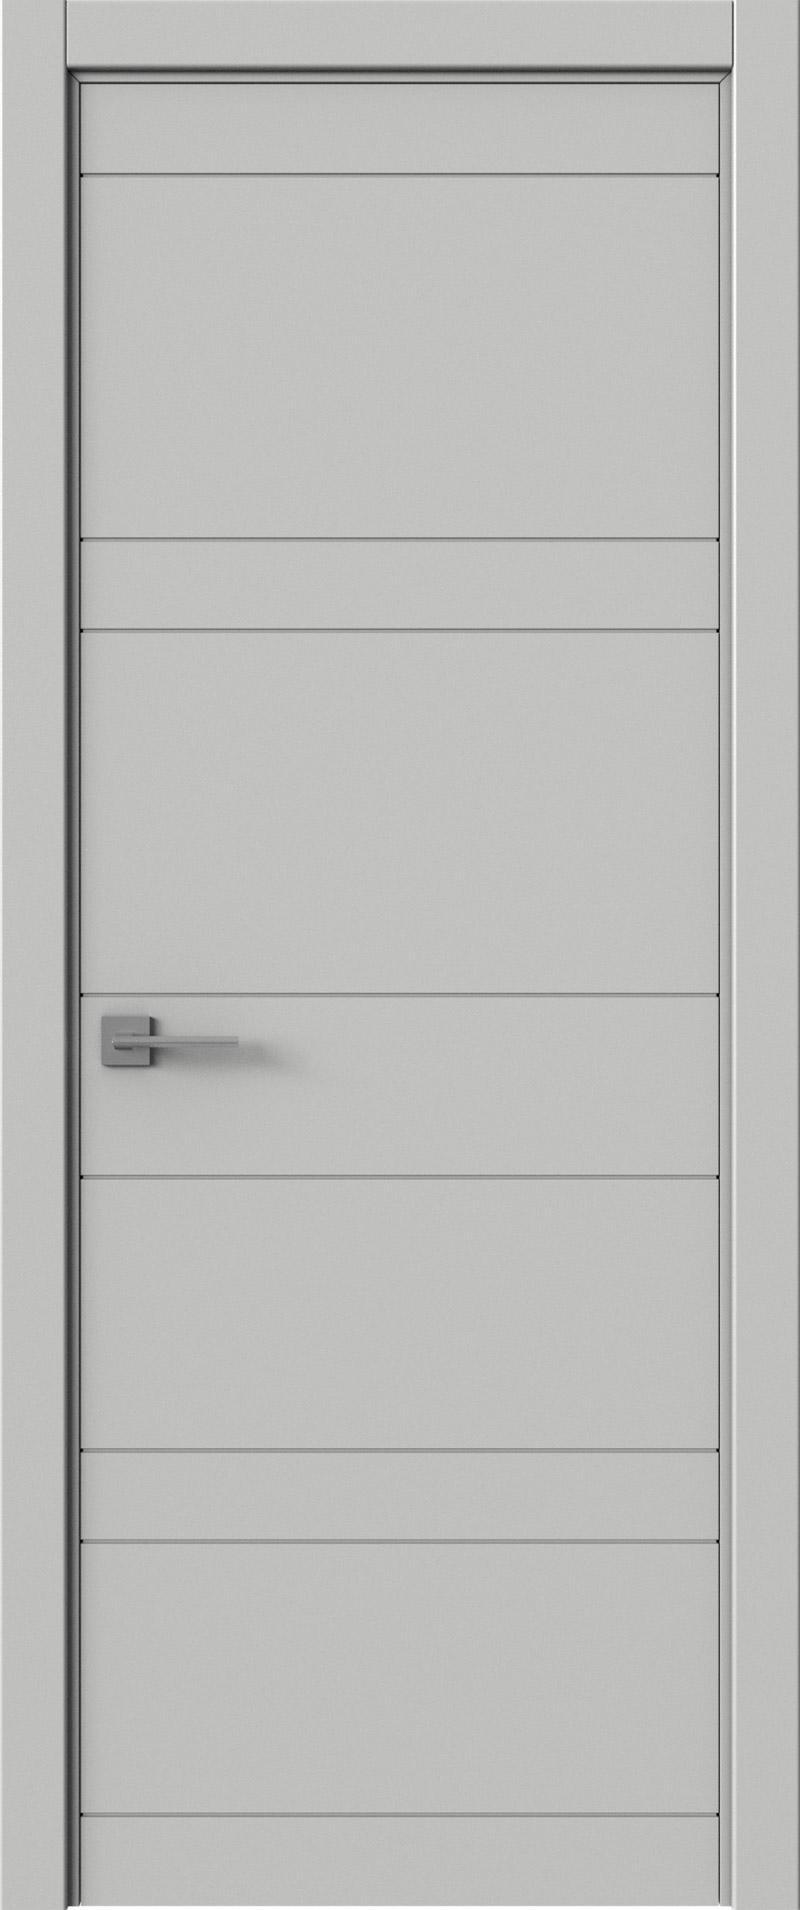 Tivoli Е-2 цвет - Серая эмаль (RAL 7047) Без стекла (ДГ)